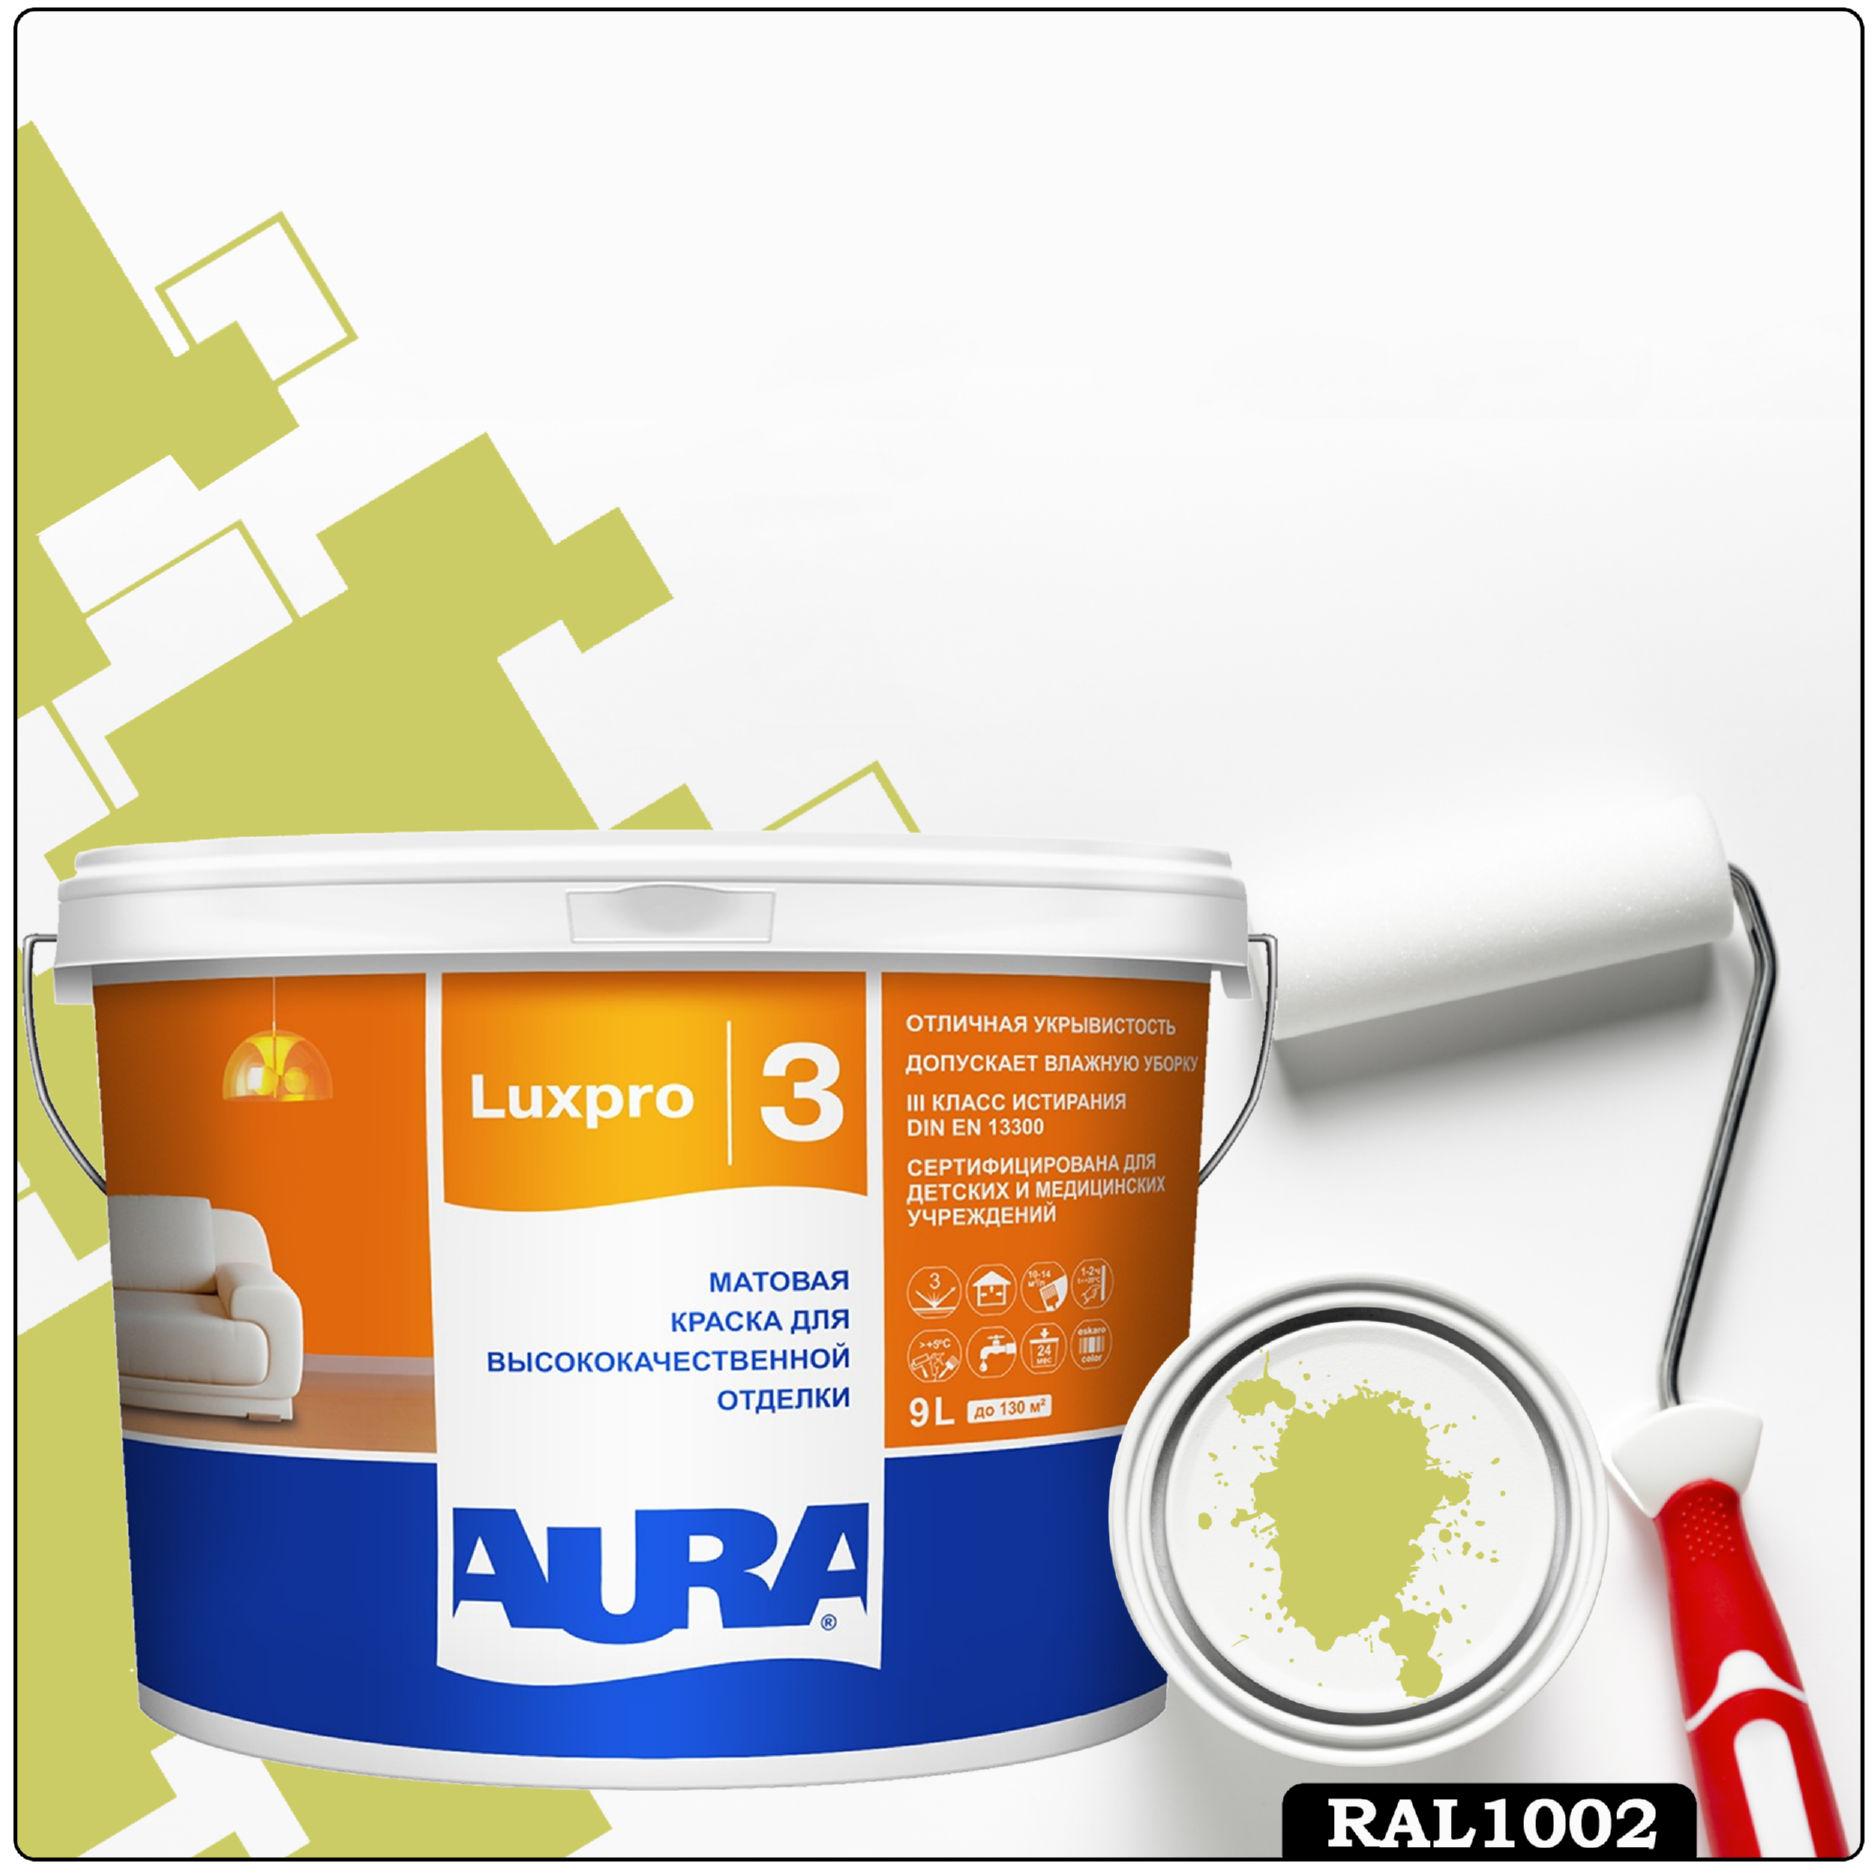 Фото 3 - Краска Aura LuxPRO 3, RAL 1002 Песочно-жёлтый, латексная, шелково-матовая, интерьерная, 9л, Аура.